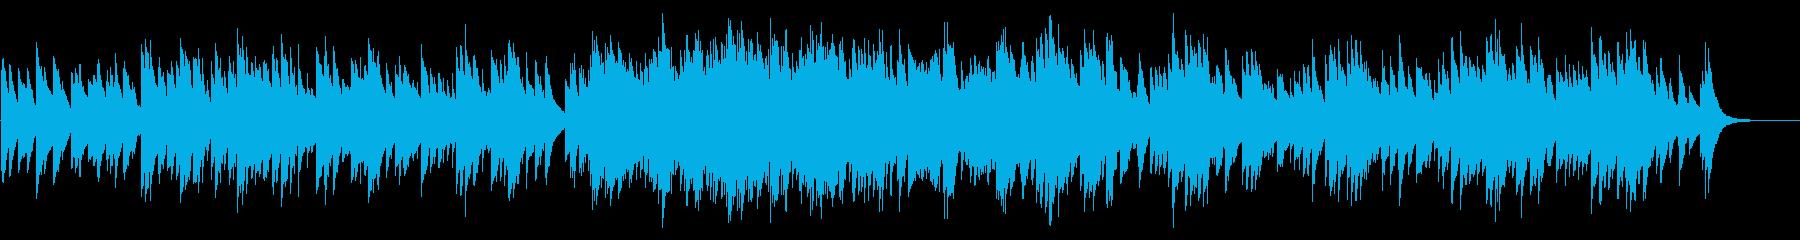 カノン 72弁オルゴールの再生済みの波形